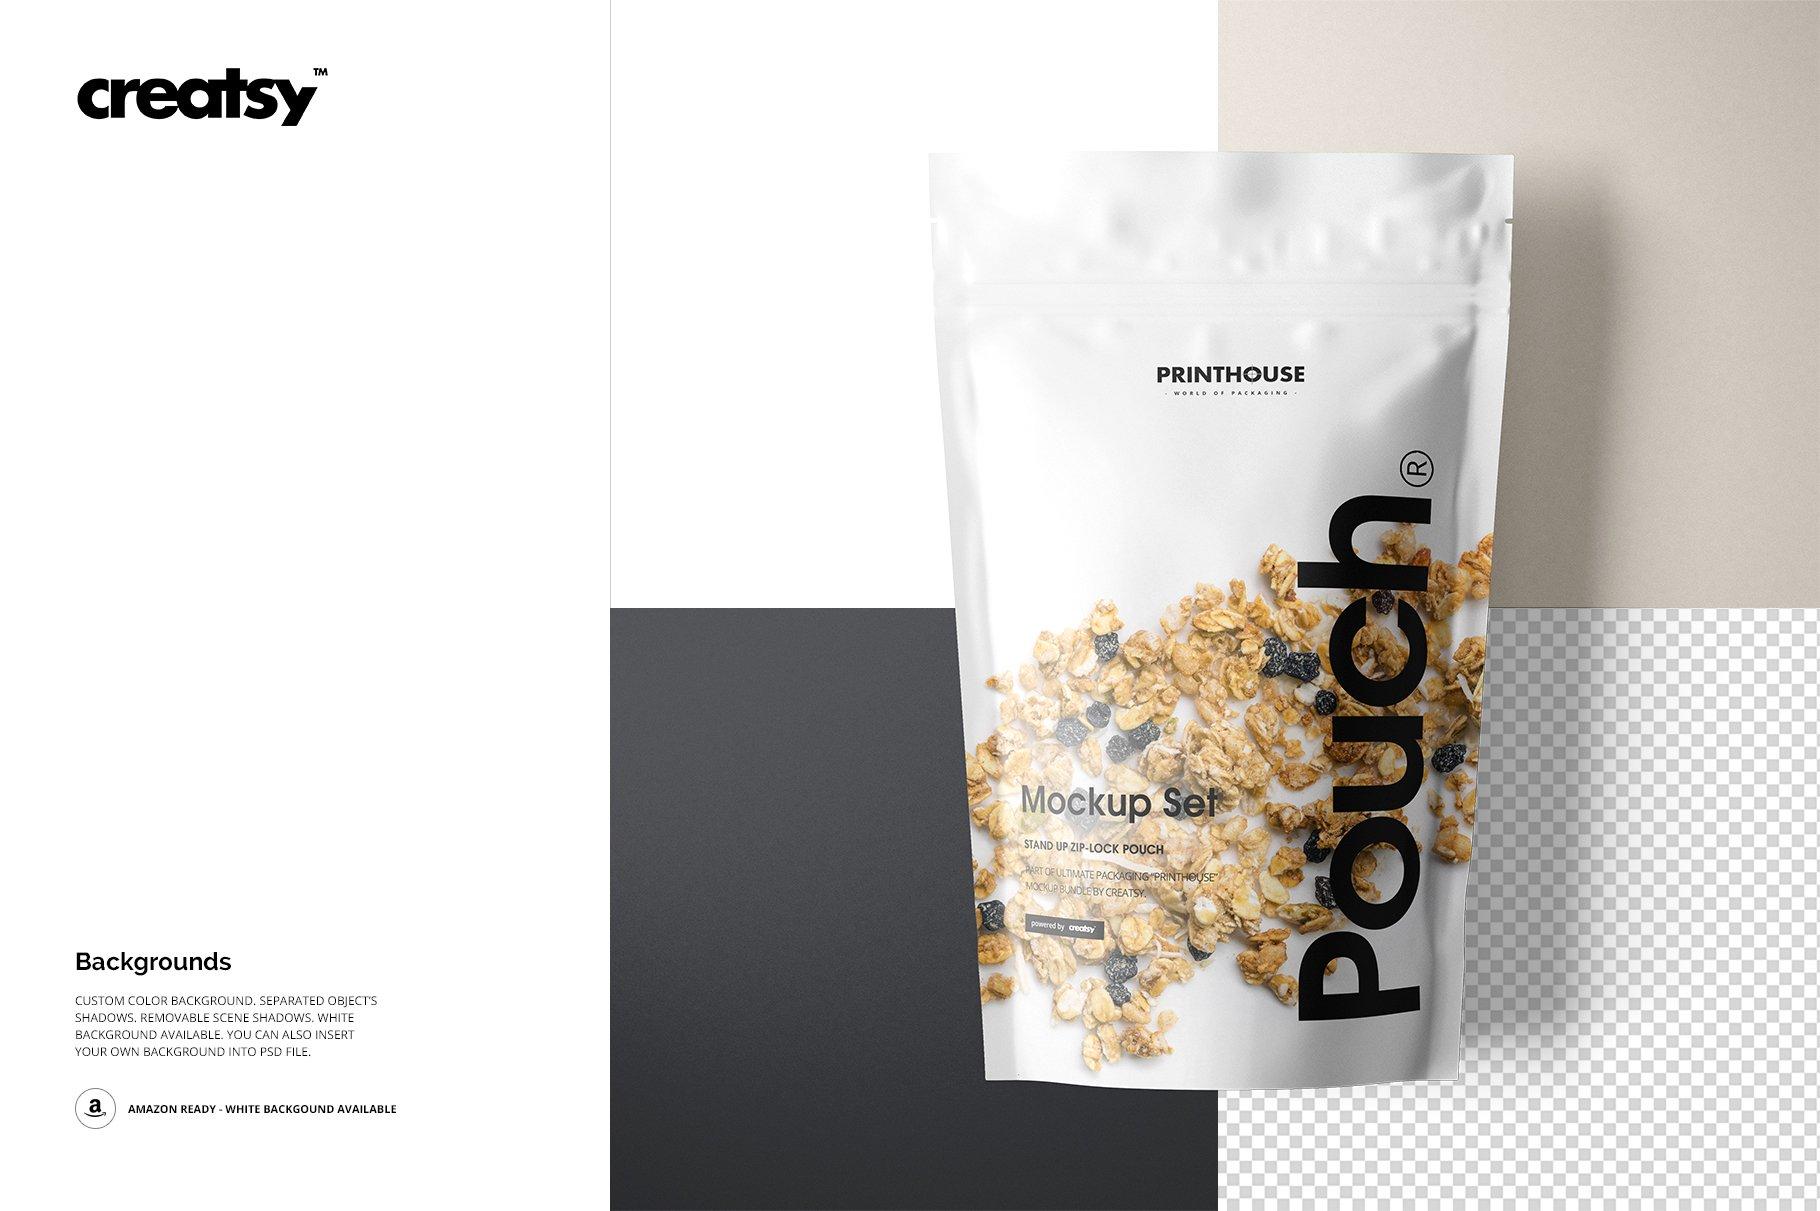 简约立式拉链锁食品自封袋塑料袋设计展示样机合集 Stand Up Pouch Mockup Set 2插图(8)